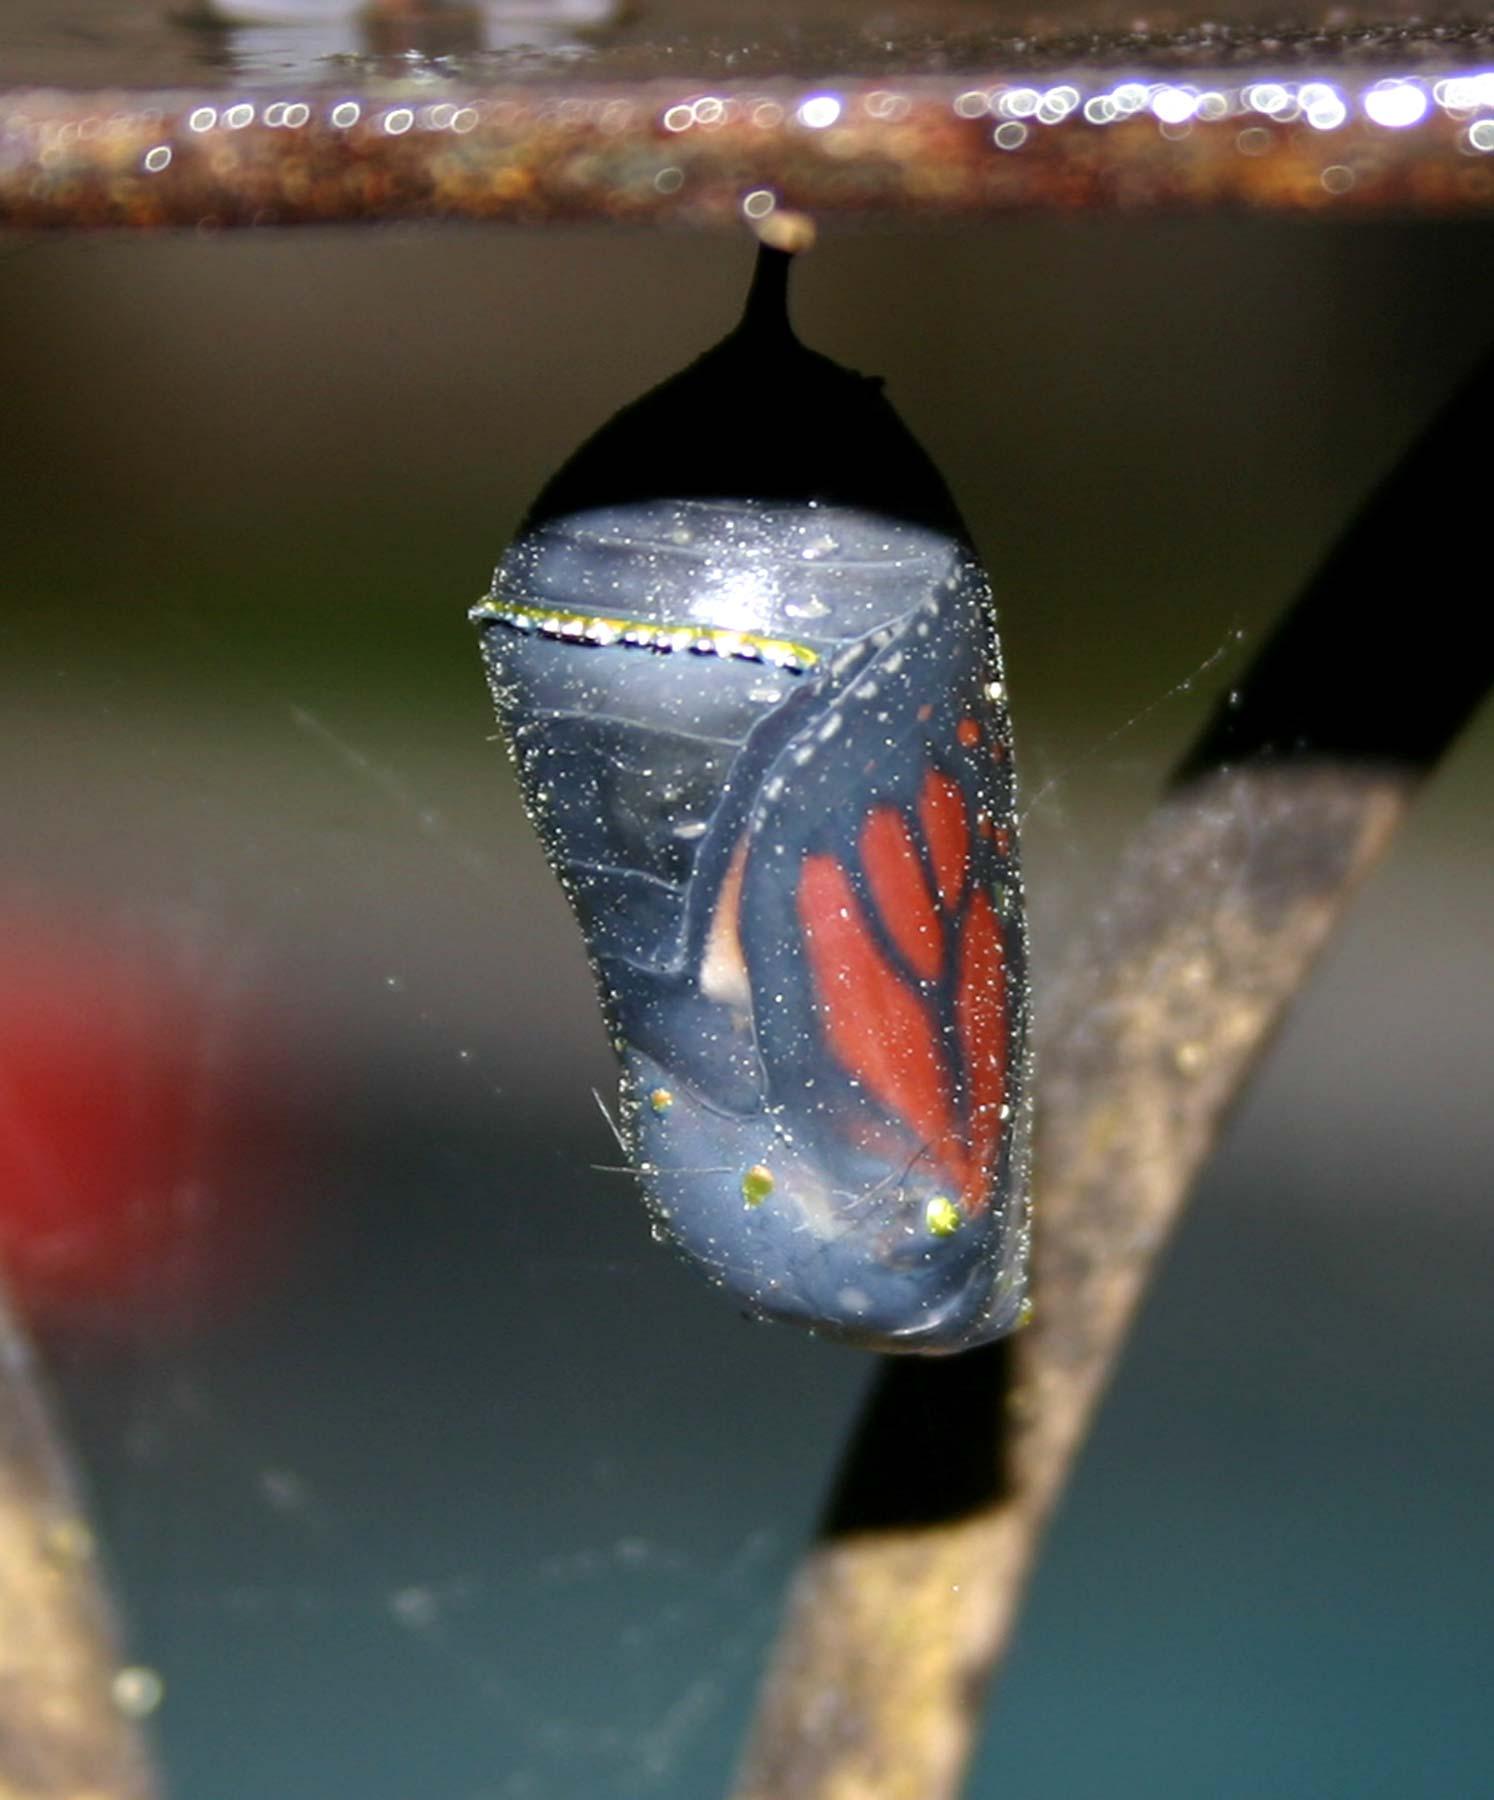 Butterfly in pupa